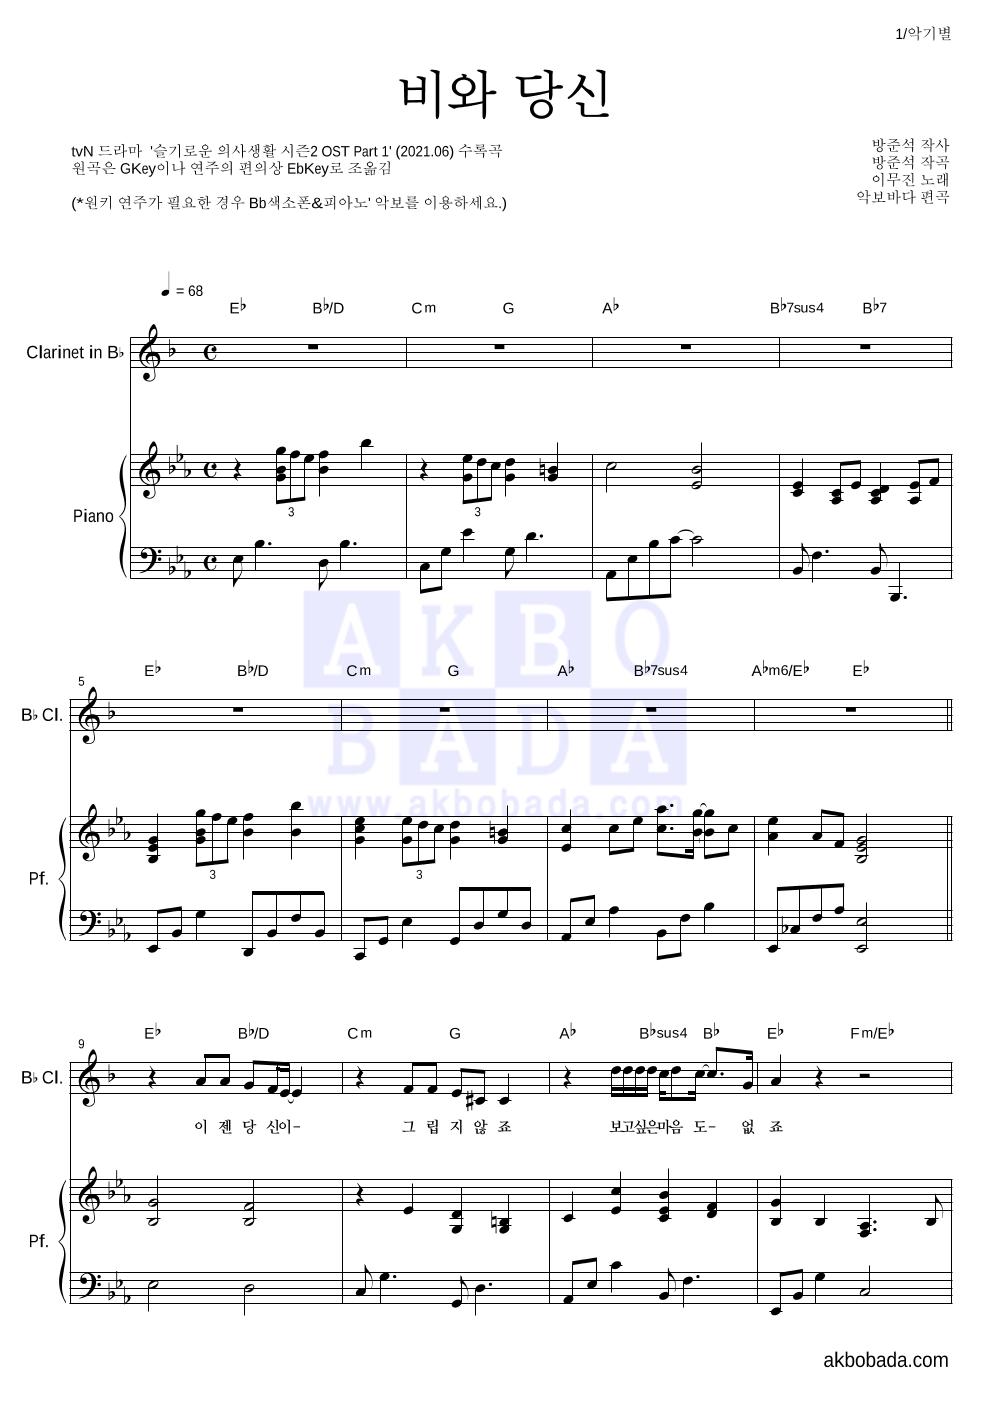 이무진 - 비와 당신 클라리넷&피아노 악보